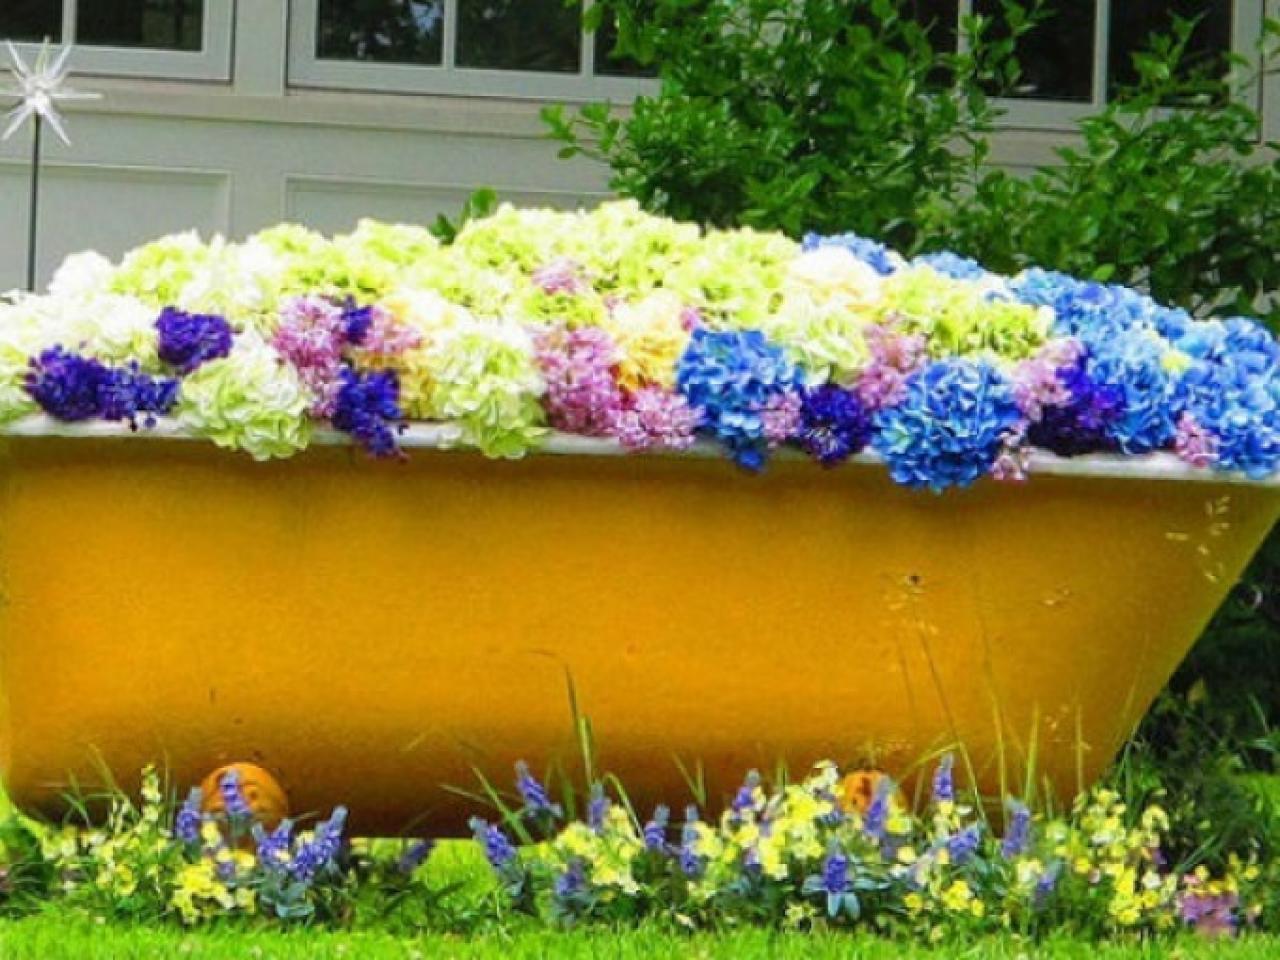 Tinas De Baño Viejas:ideas para decorar el hogar con elementos reciclados